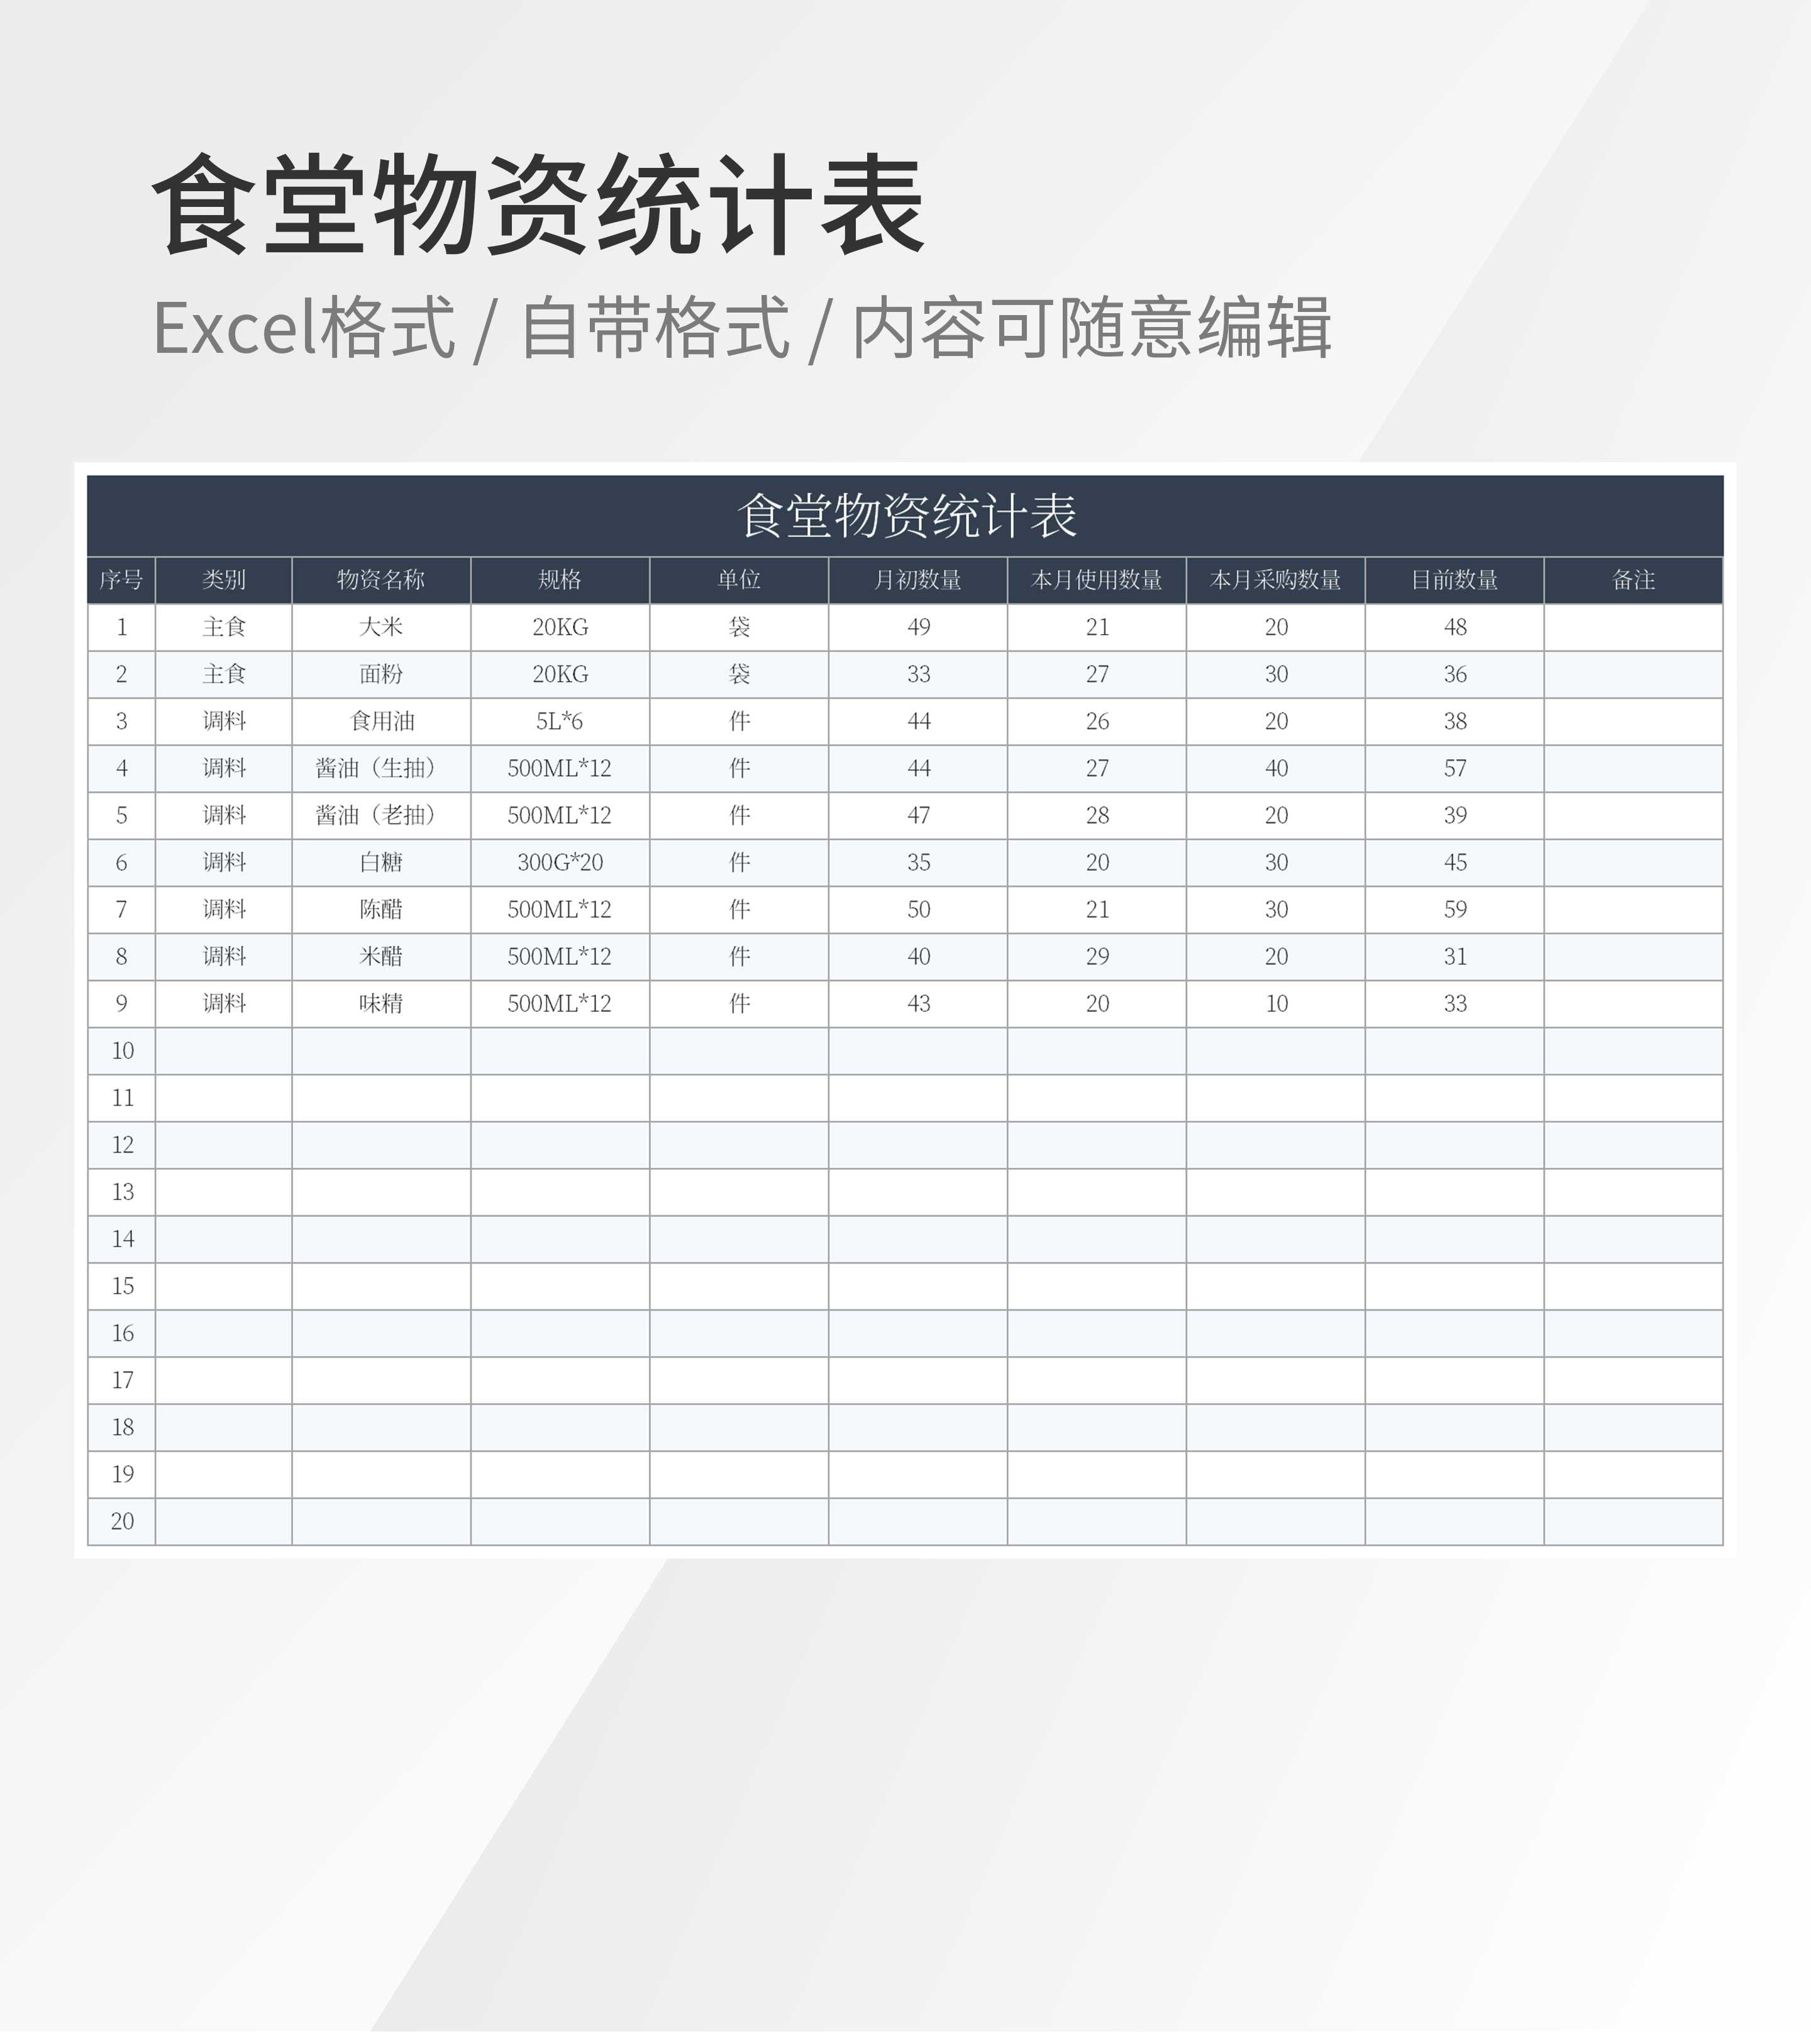 食堂物资采购消耗统计表Excel模板